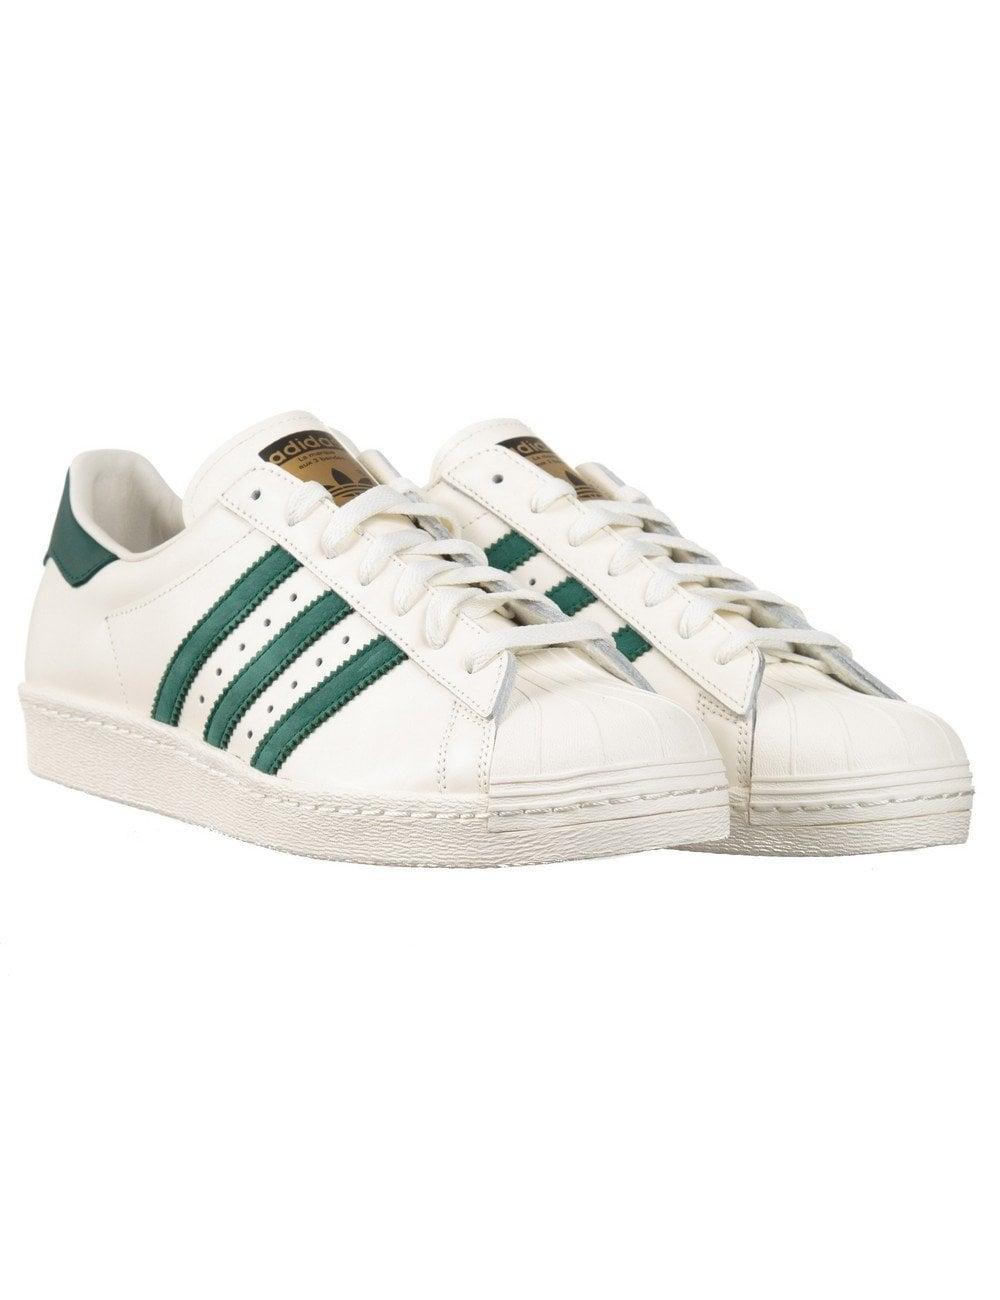 adidas superstar green white